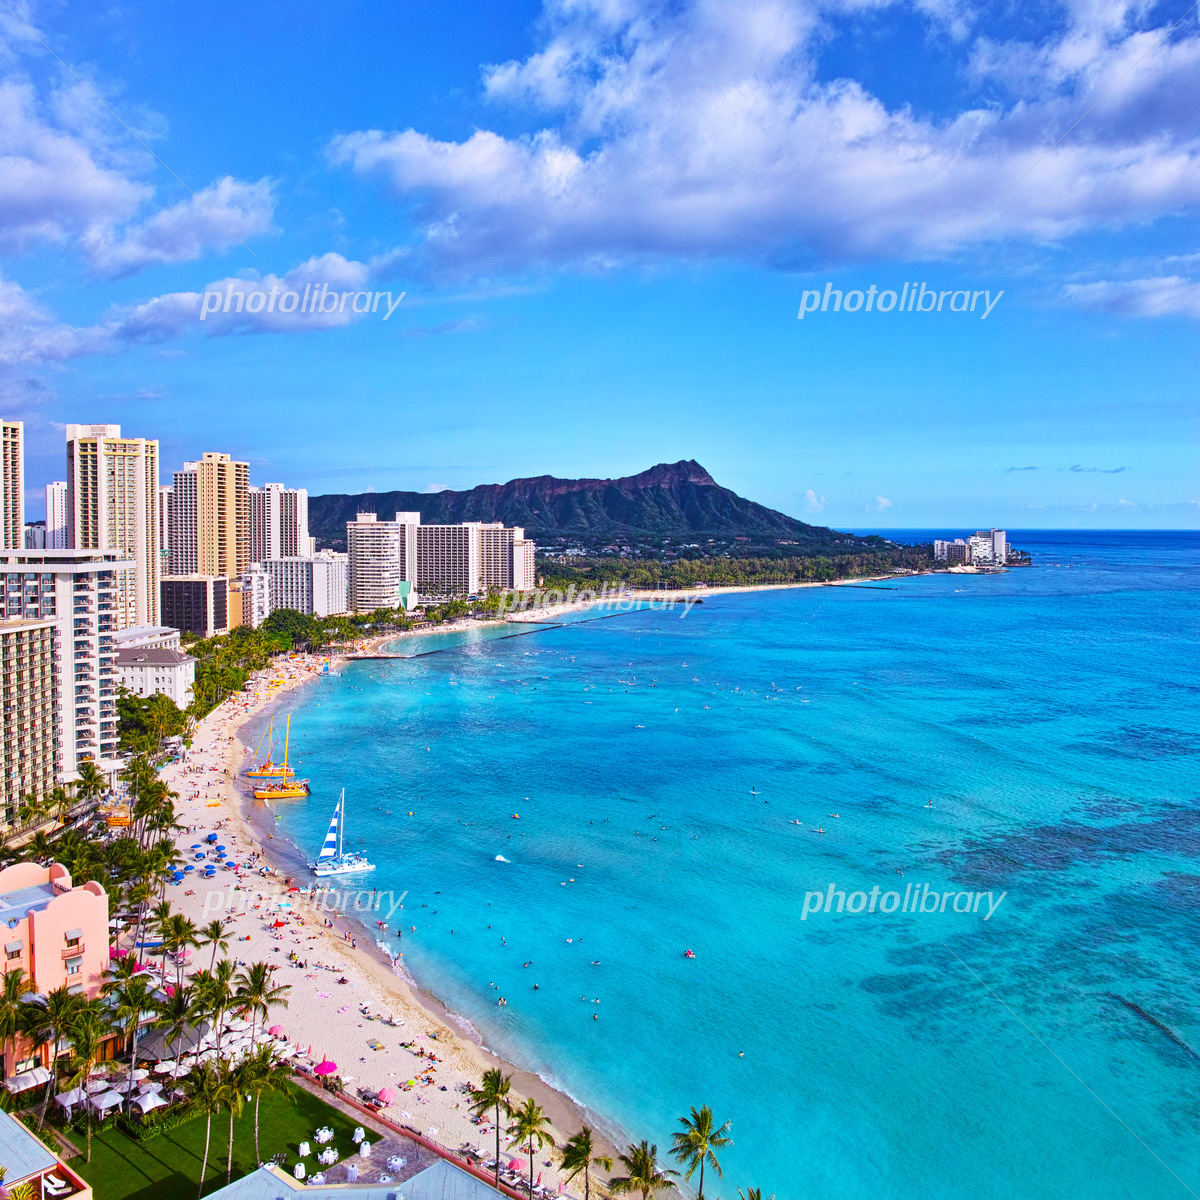 ダウンロード可能 ハワイ 画像 高 画質 イラスト画像集